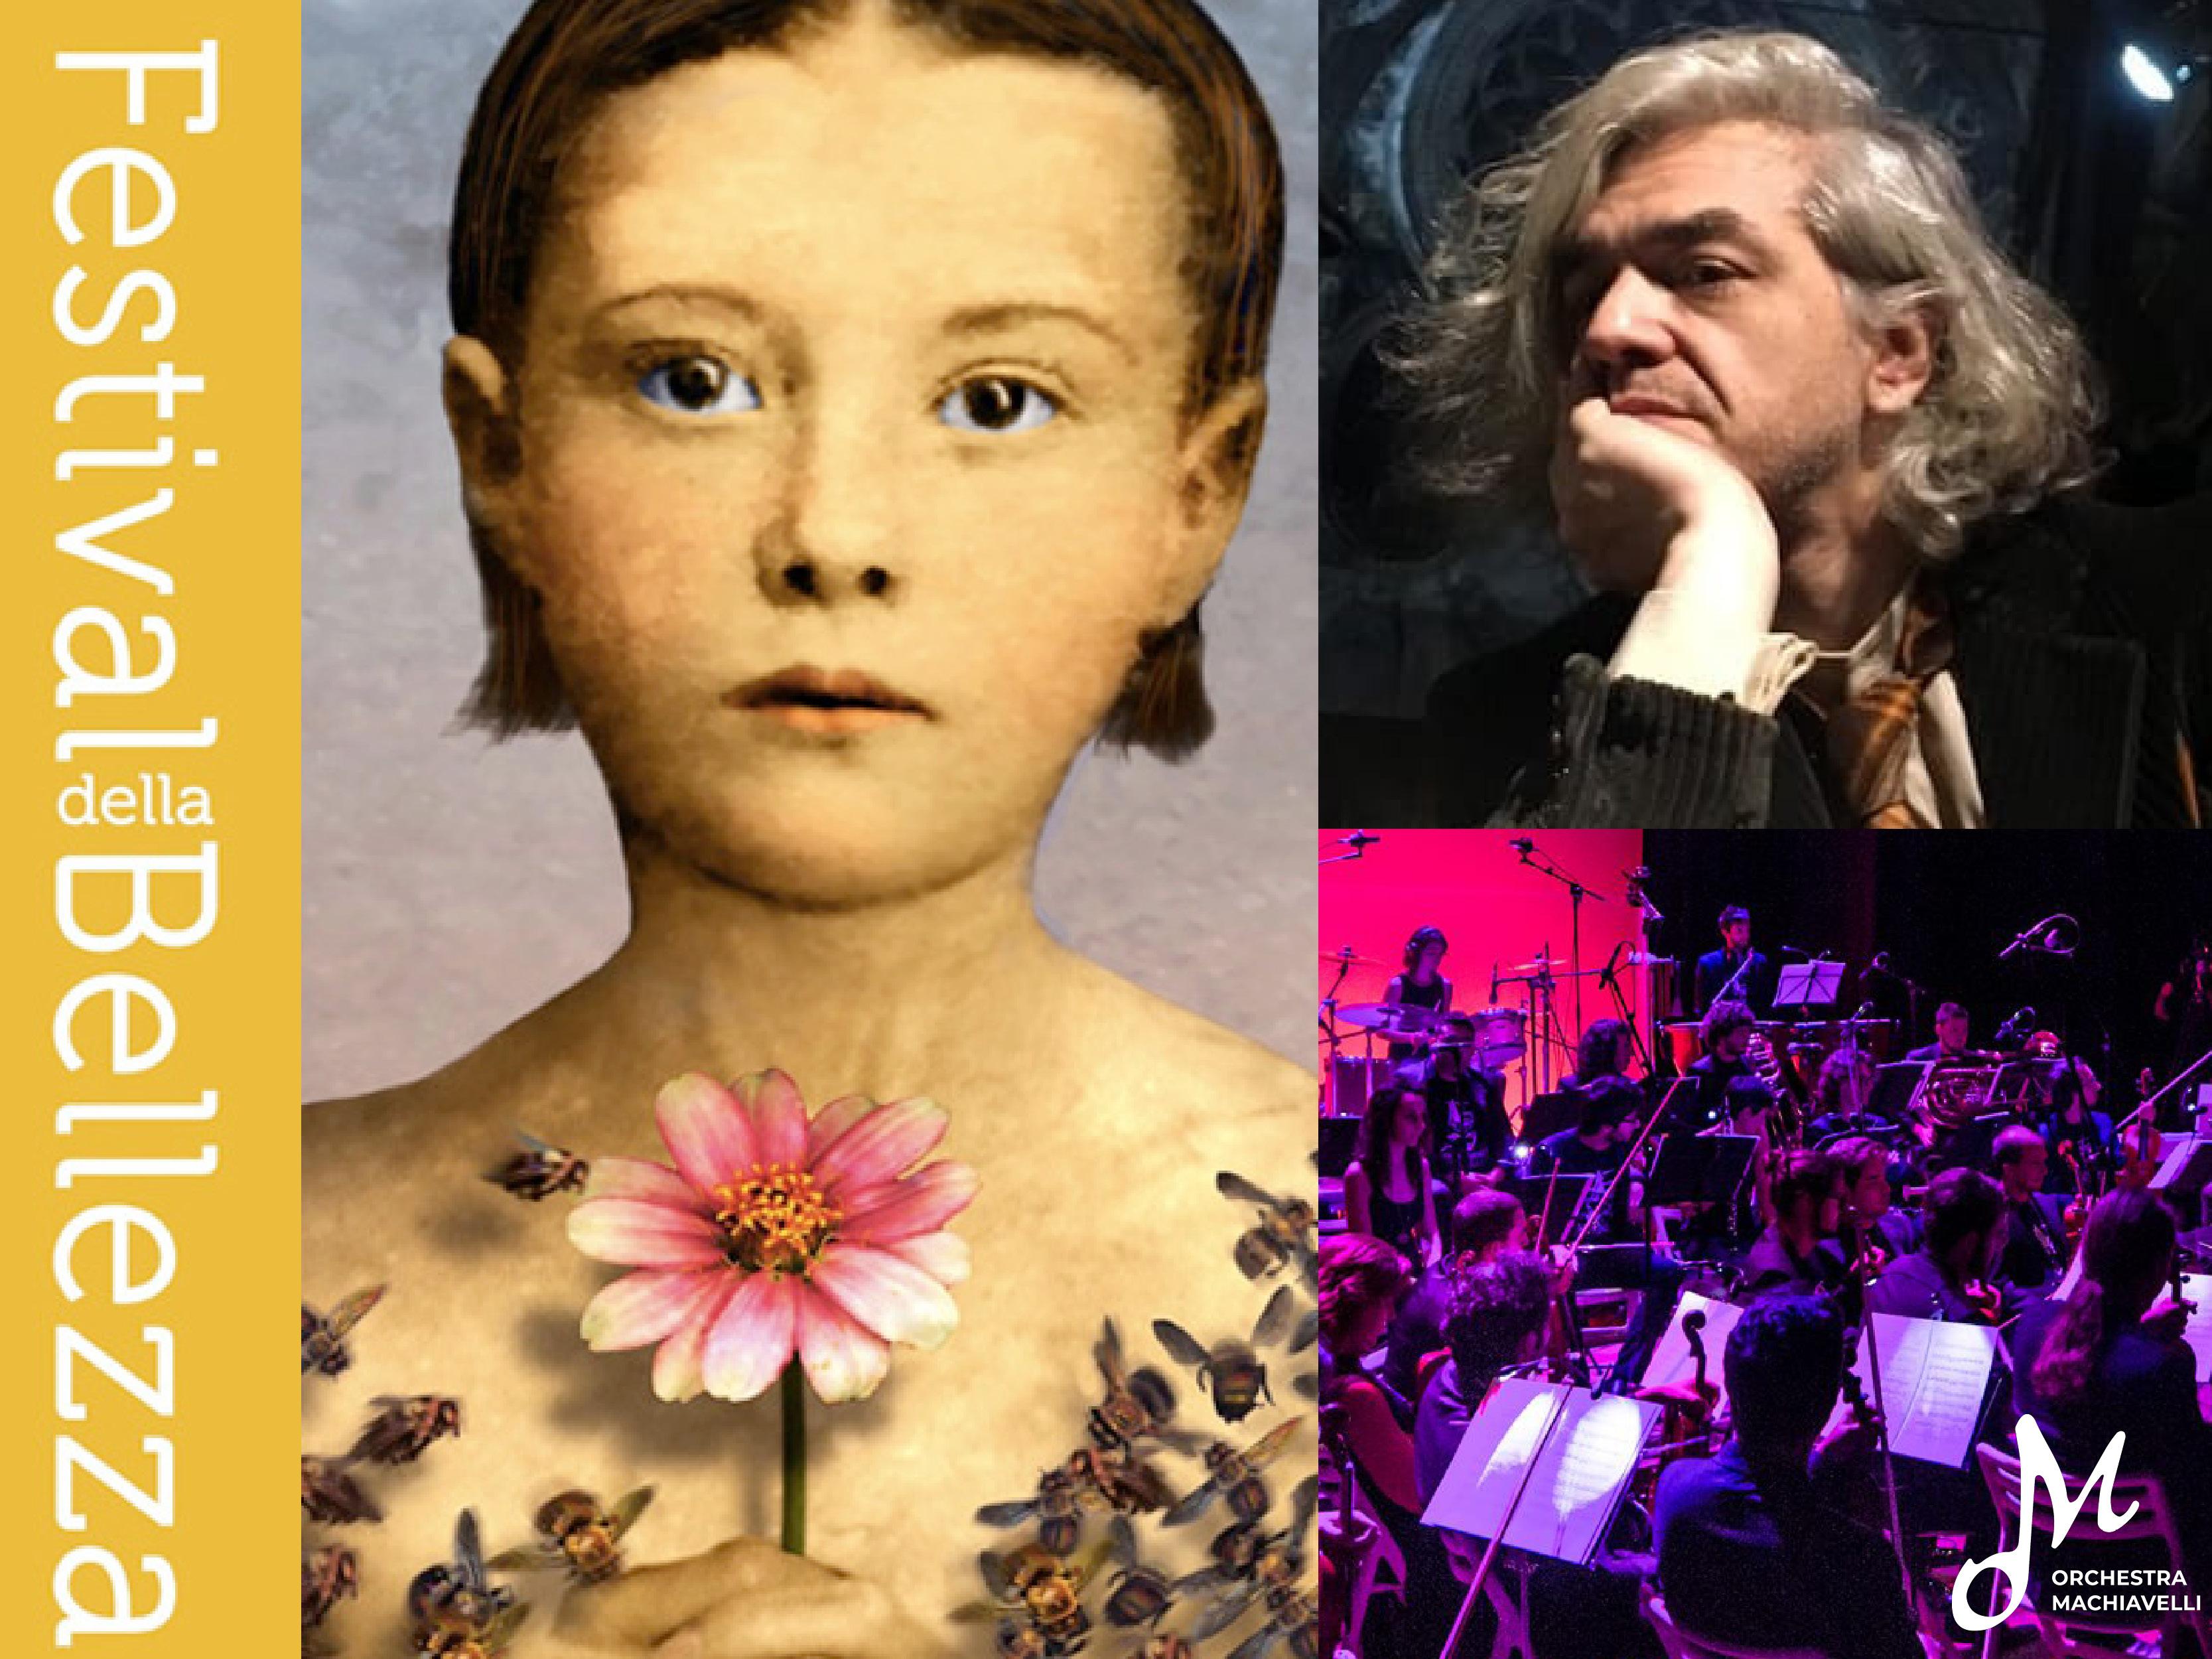 L'Orchestra Machiavelli con Morgan al Festival della Bellezza